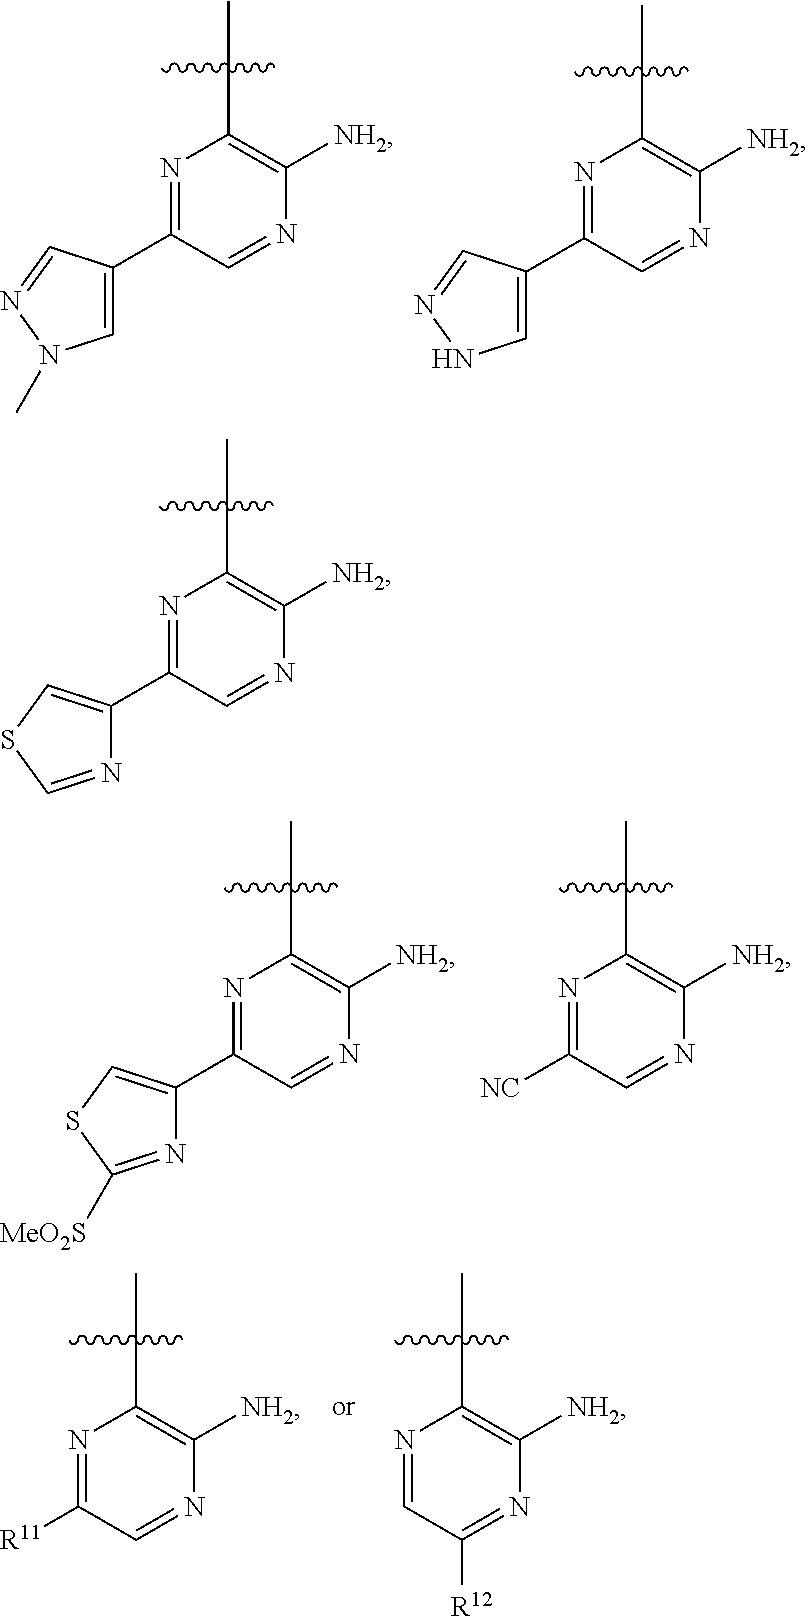 Figure US08940742-20150127-C00036